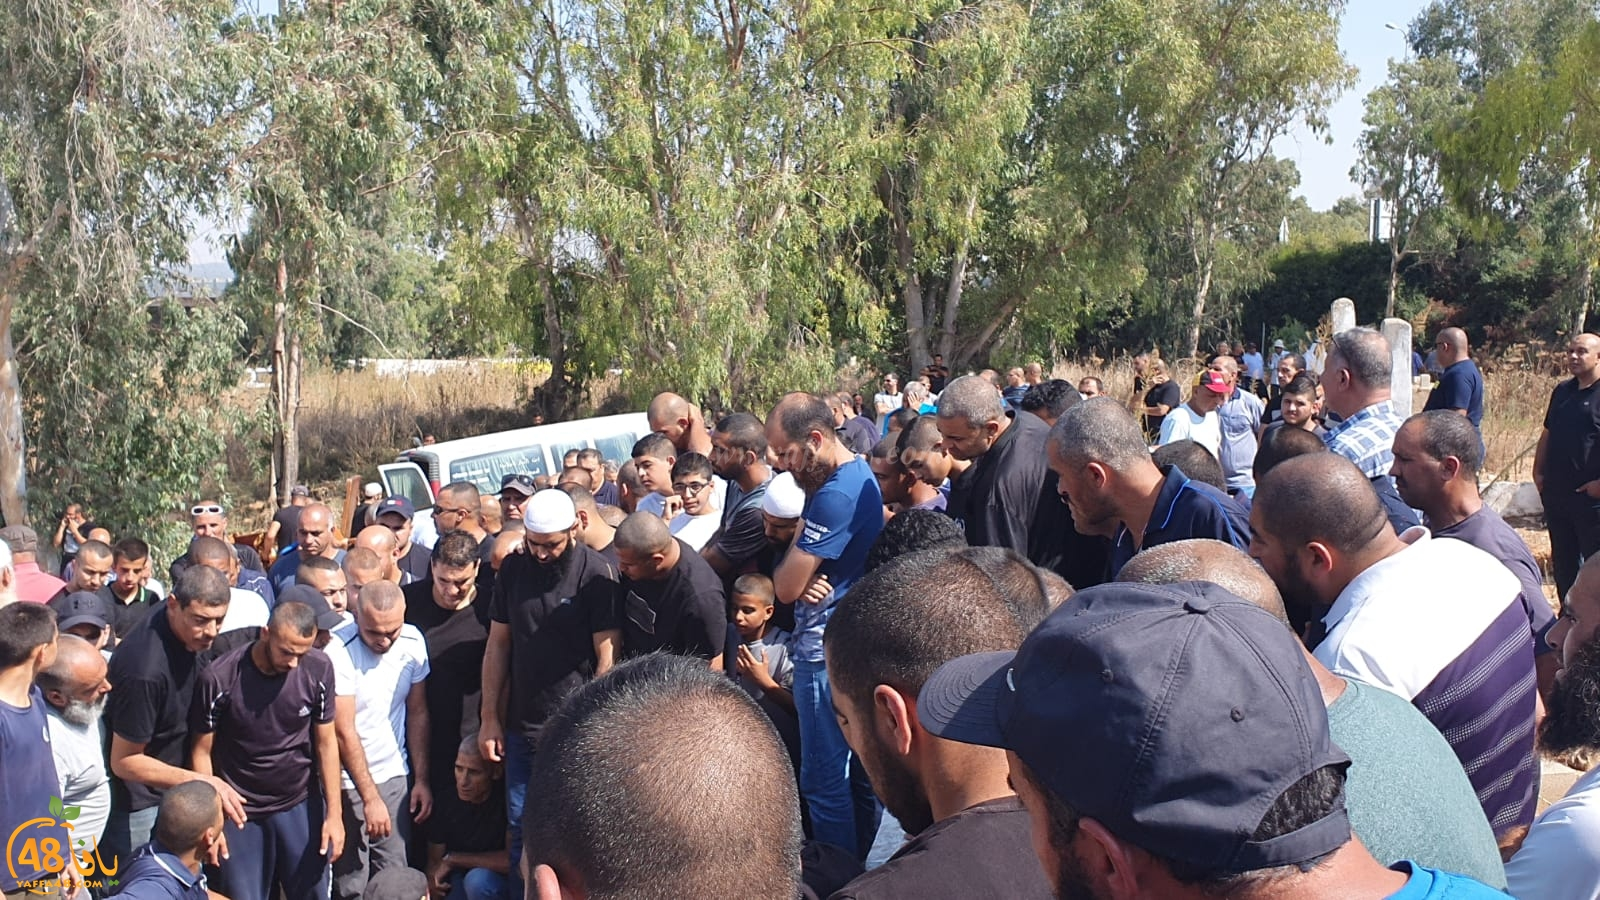 بالفيديو: جموع غفيرة من أهالي اللد تُشيّع جثمان الطفل رياض أبو شريقي ضحية حادث الدهس